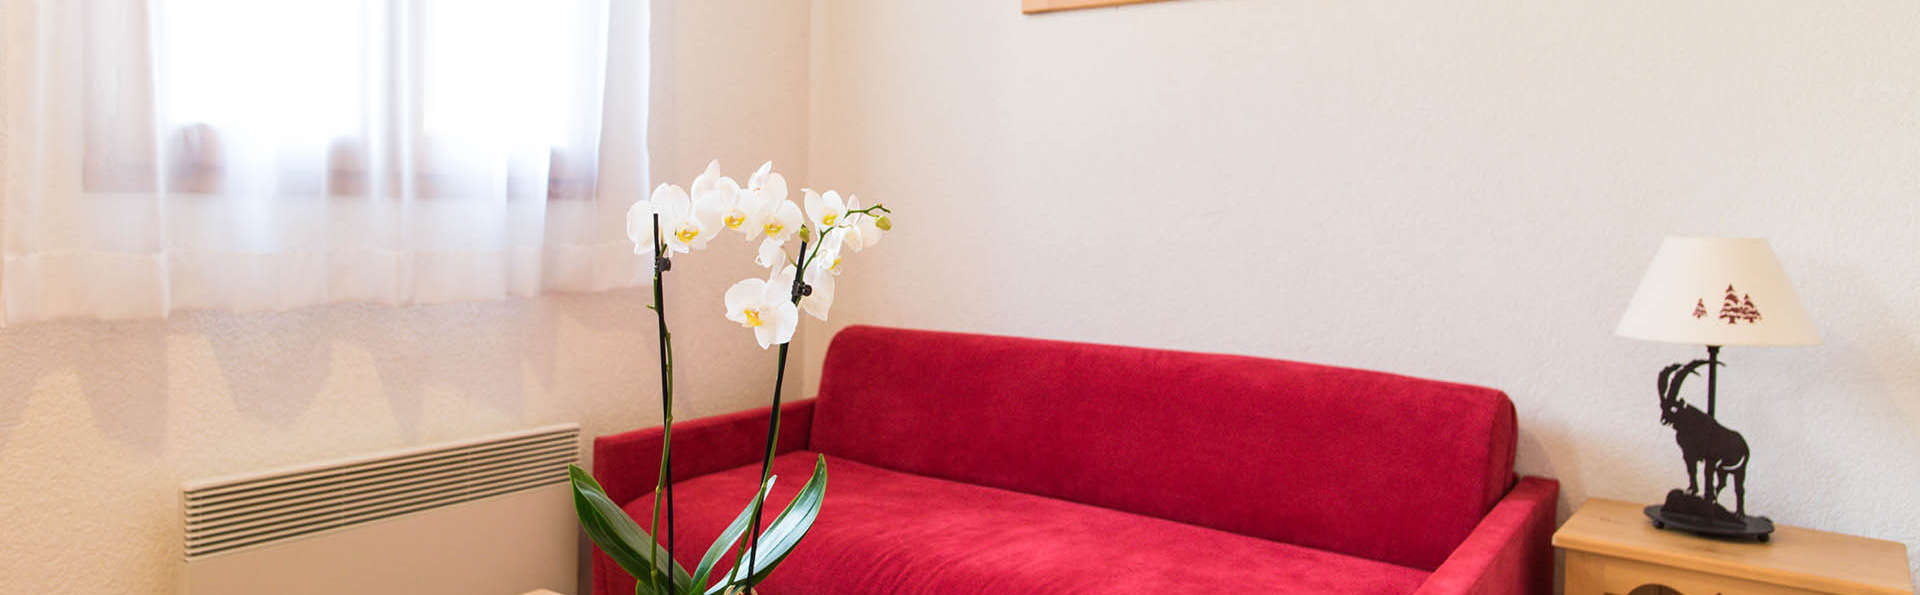 Vacancéole - Résidence Le Birdie - EDIT_appartement-STC4_2.jpg